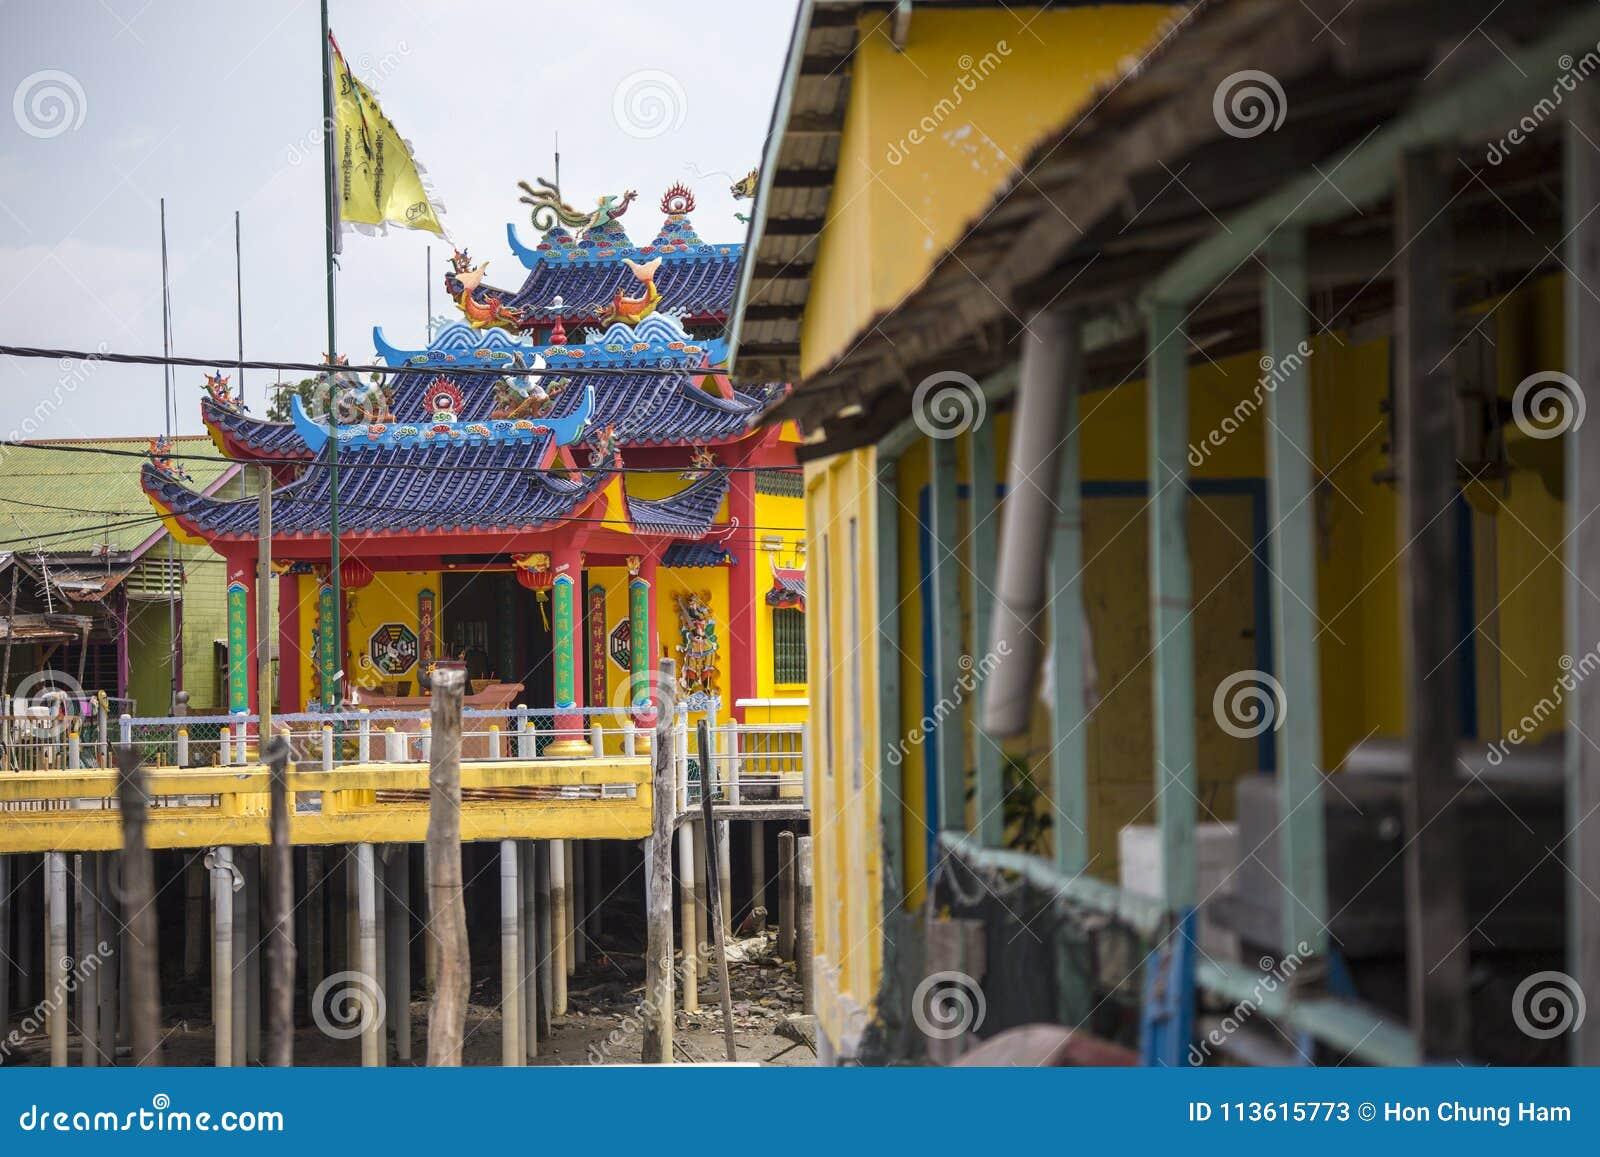 Maisons d échasse au village de pêche chinois dans Pulau Ketam près de Klang Selangor Malaisie